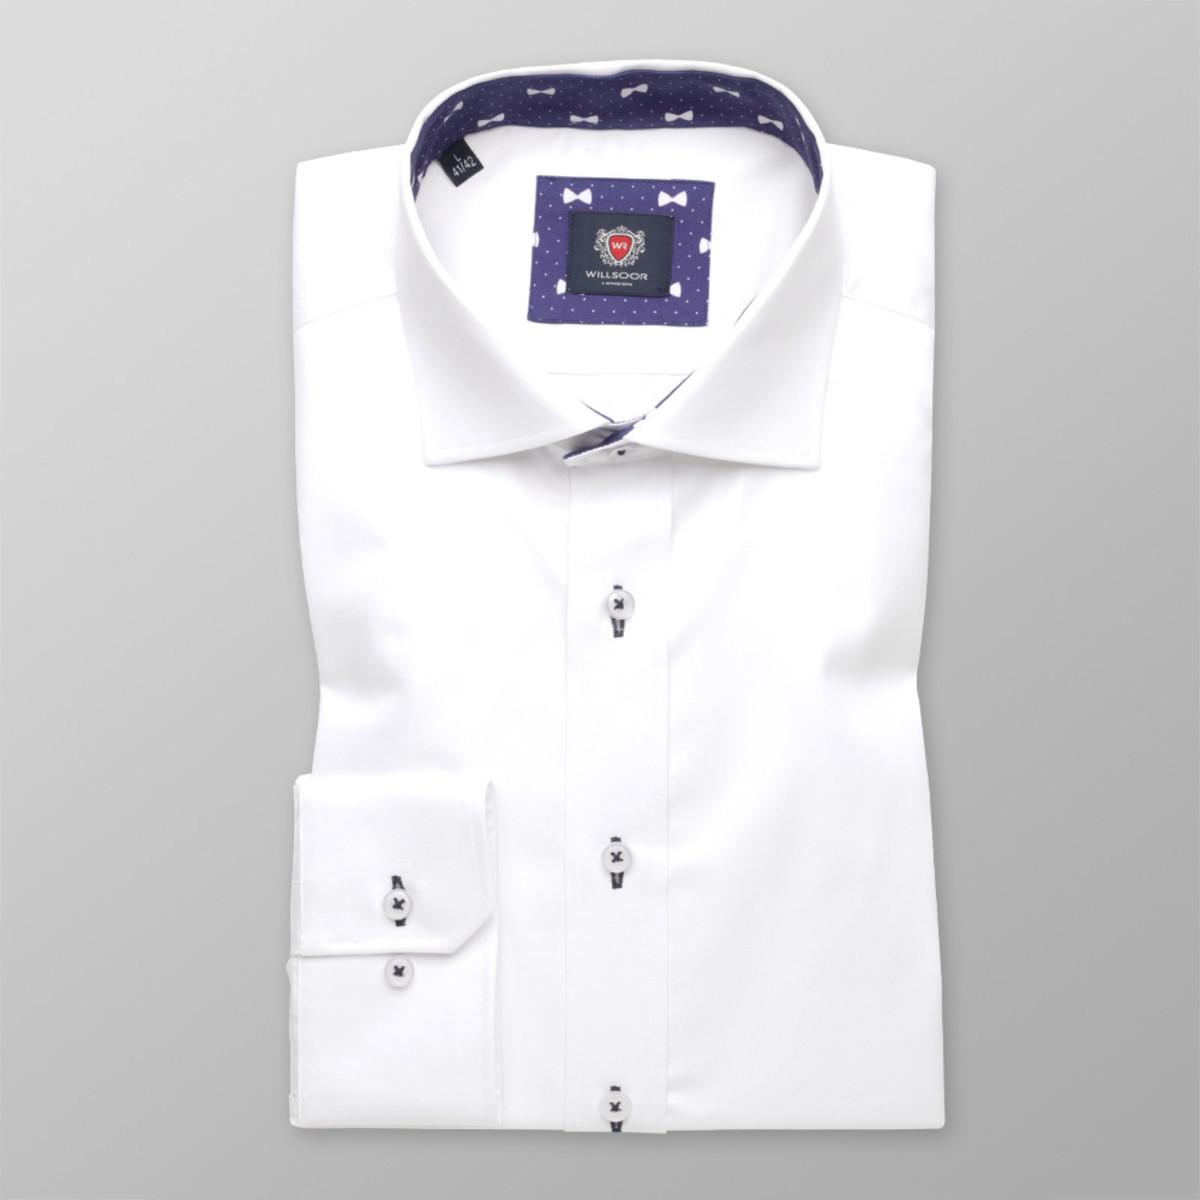 Pánská slim fit košile London (velikosti pro všechny výšky) 8847 164-170 / S (37/38)